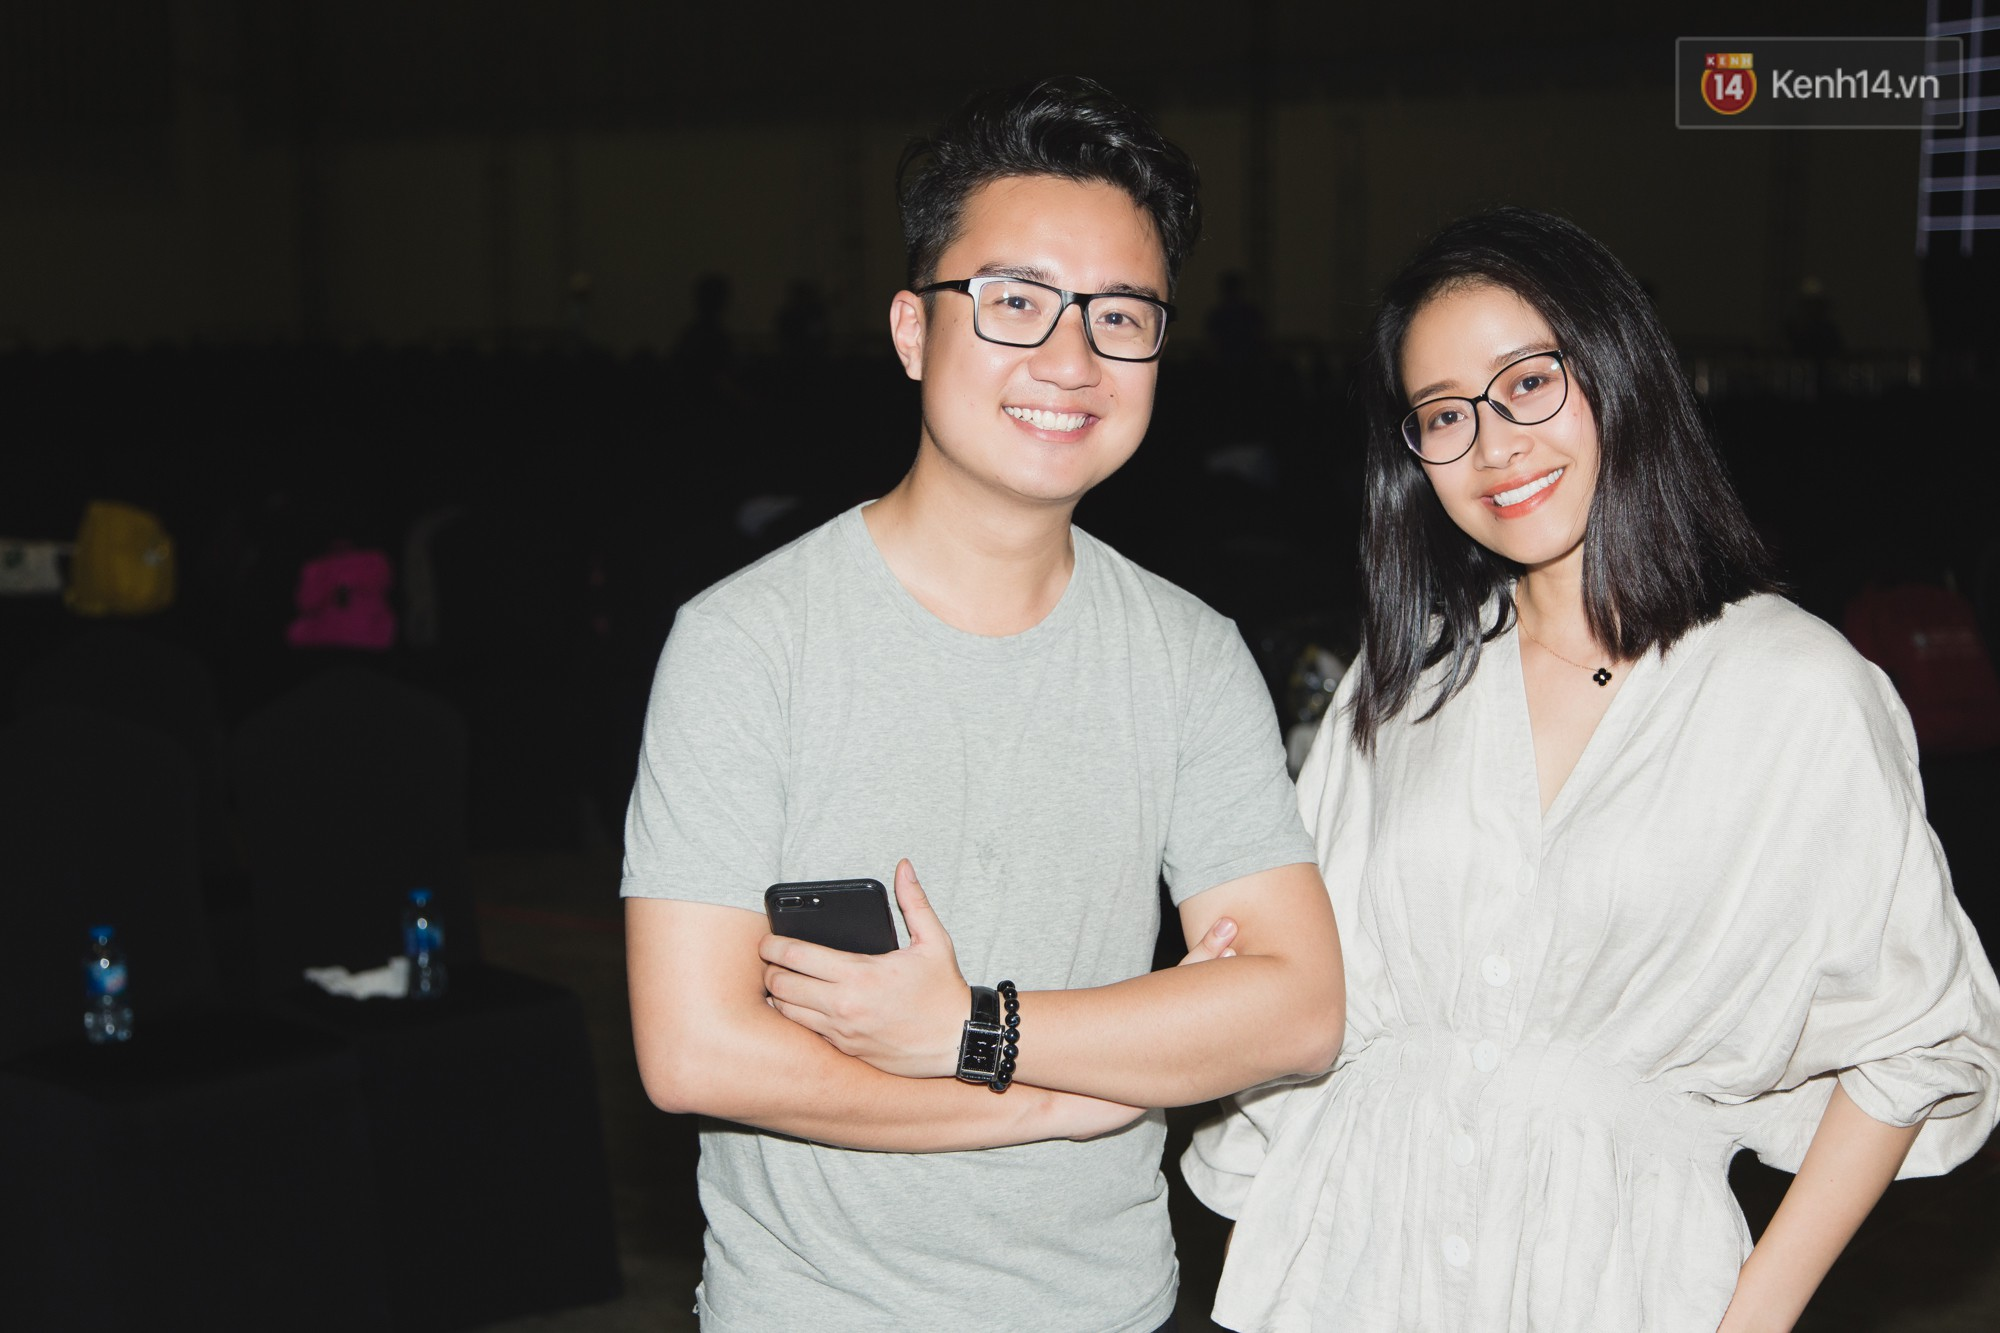 Bích Phương bất ngờ cool ngầu, trái ngược với Hiền Hồ sexy nữ tính trong buổi tổng duyệt WeChoice Awards 2018 - Ảnh 3.